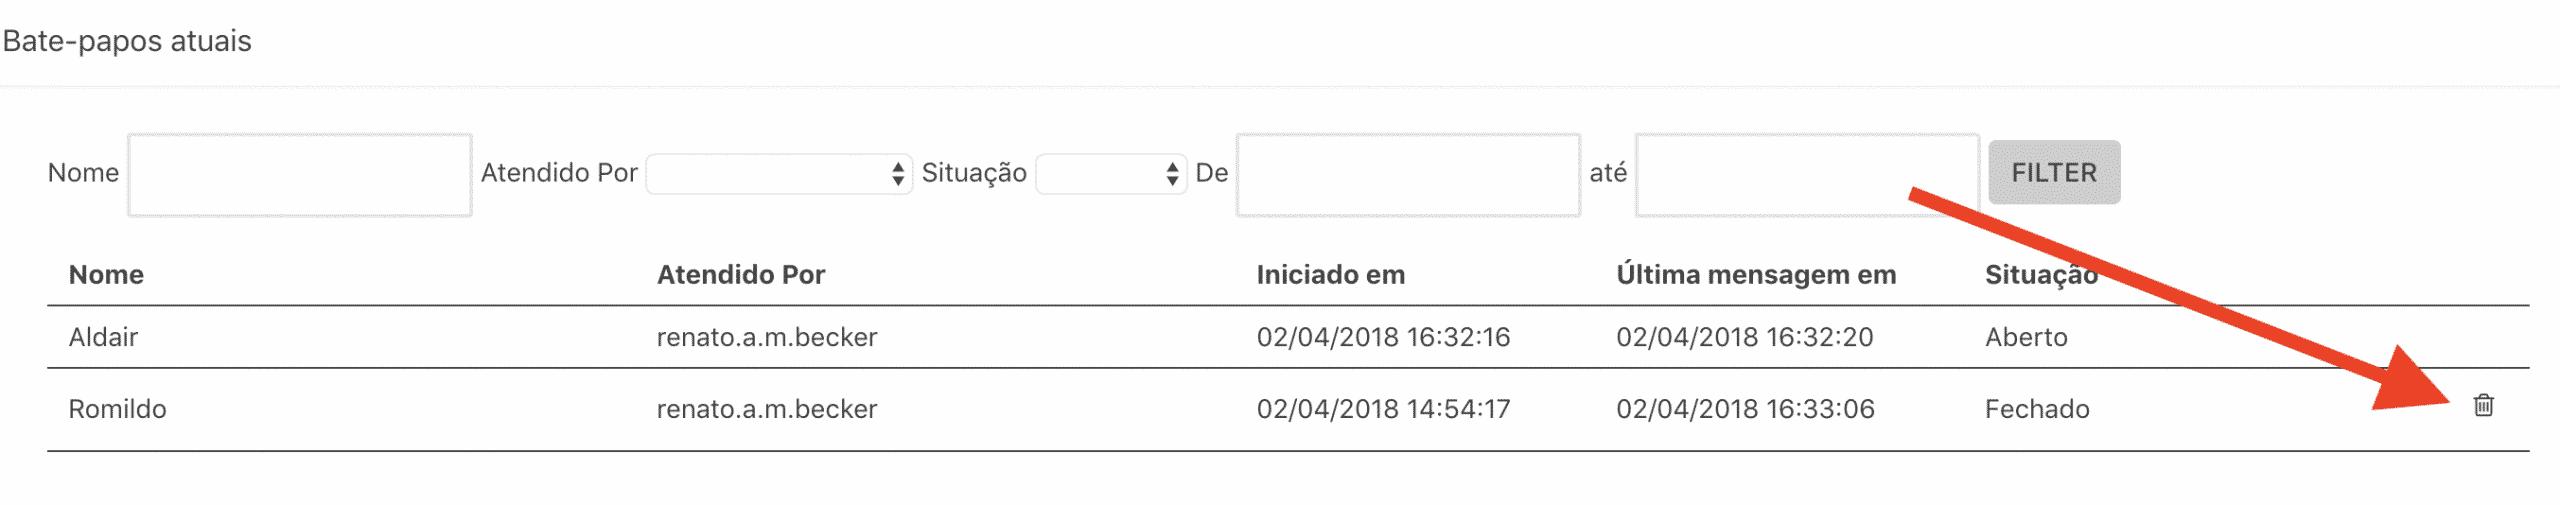 38212655-ea53a4b8-3694-11e8-9c6e-1c3a53bf7b2d-1480886